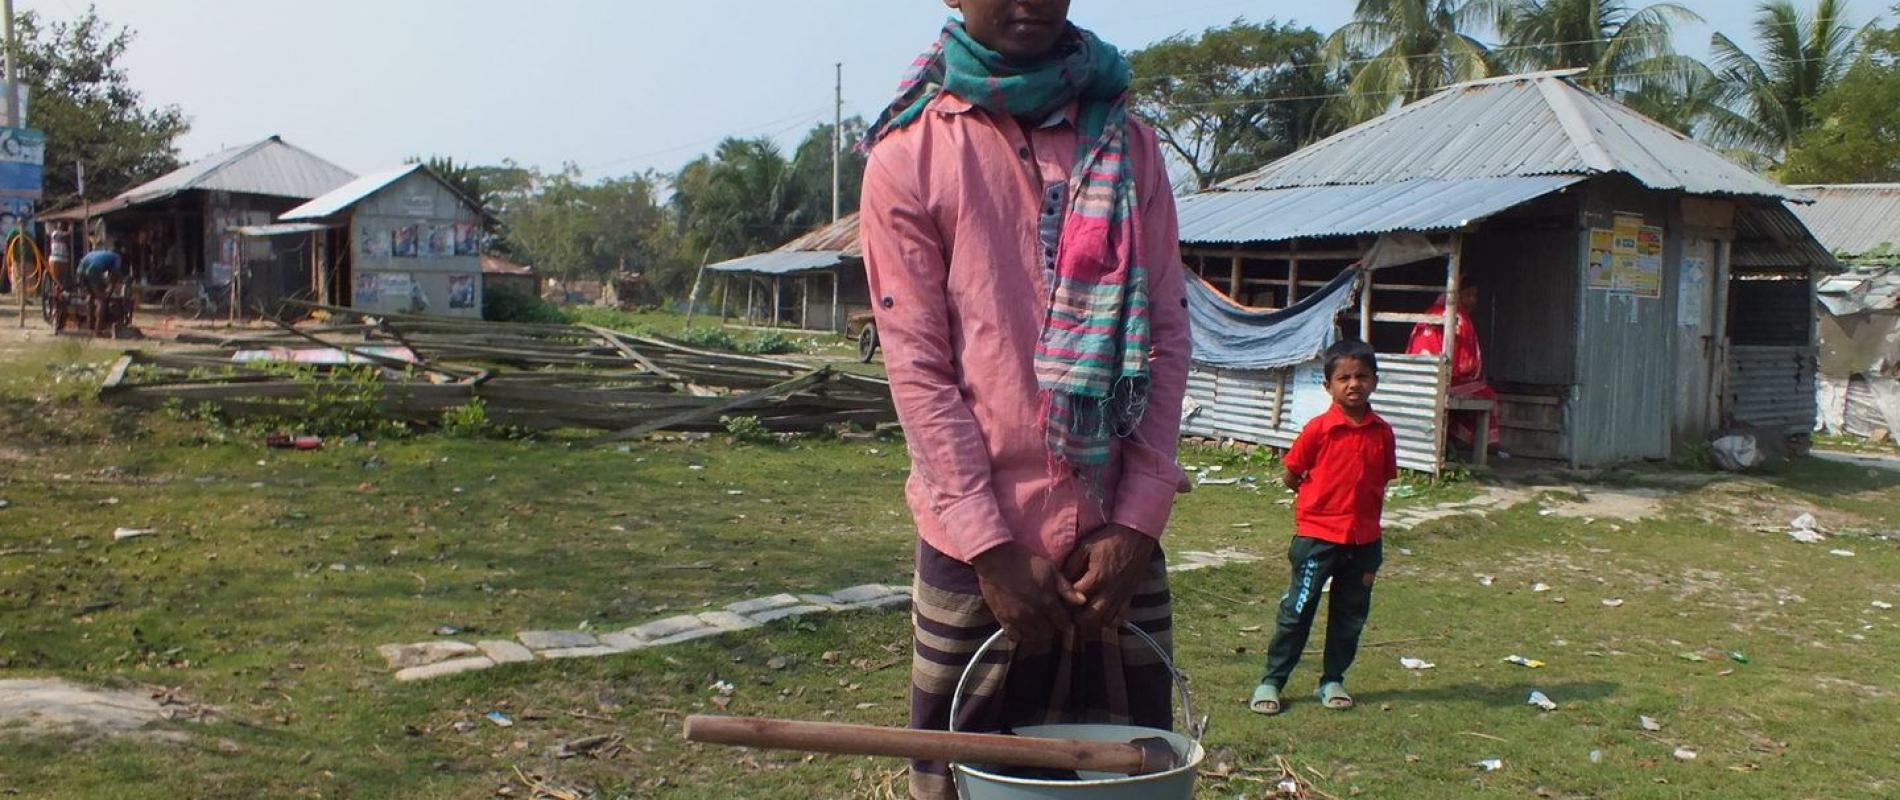 Aswas bangladesh (4)